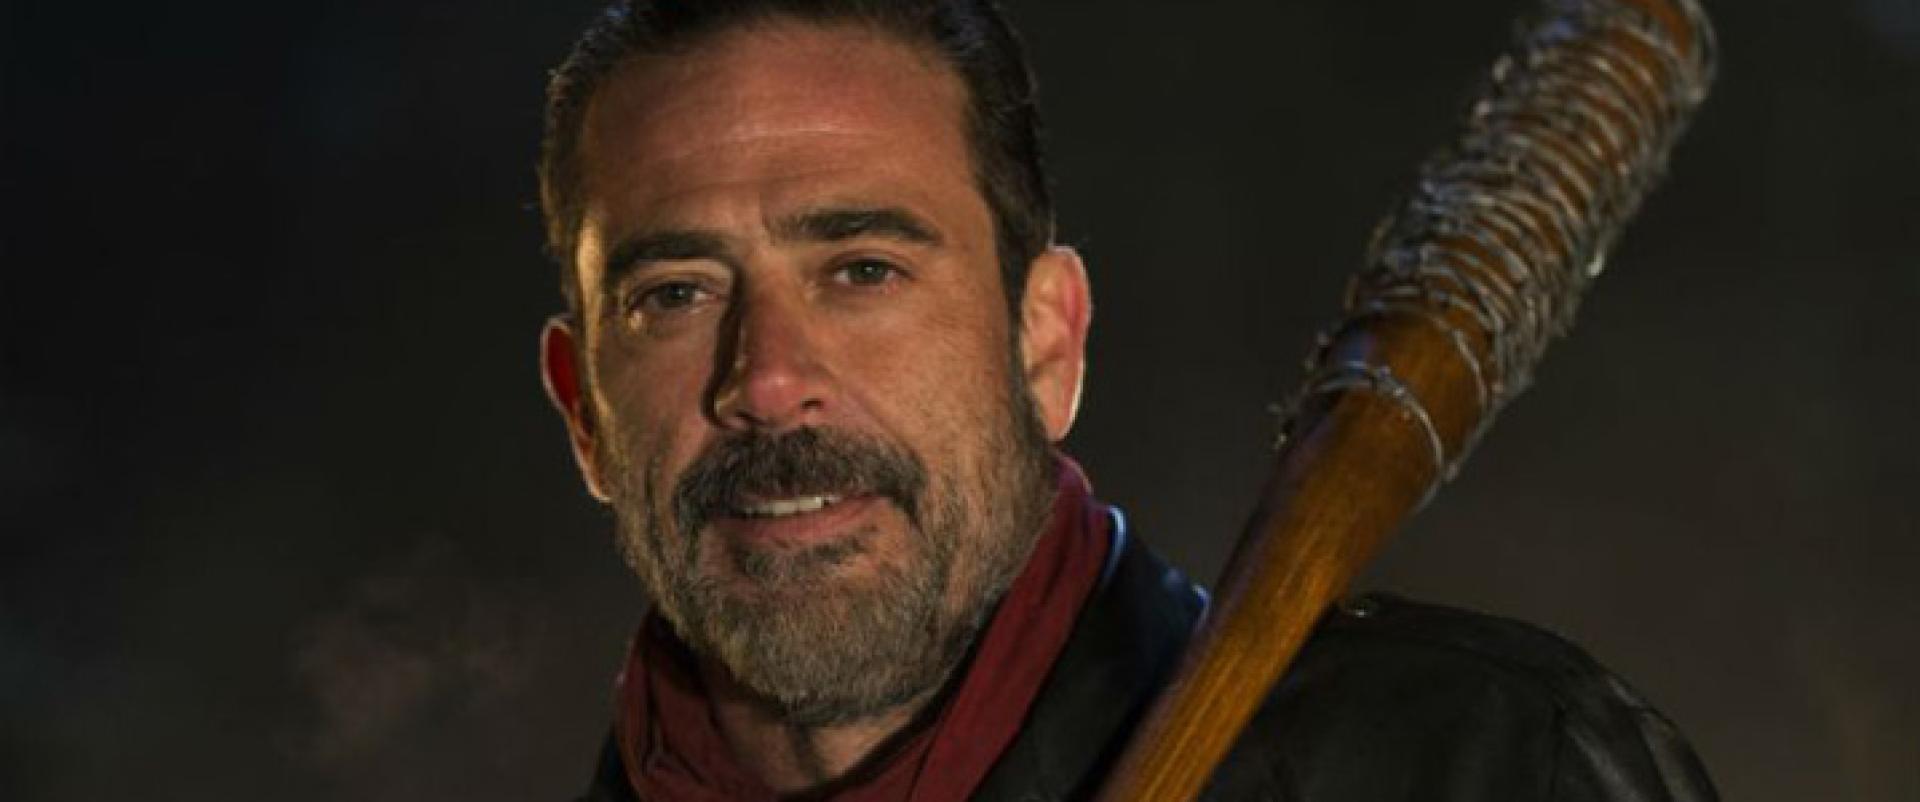 The Walking Dead, 7. évad: karakterposzterek + egy kis extra